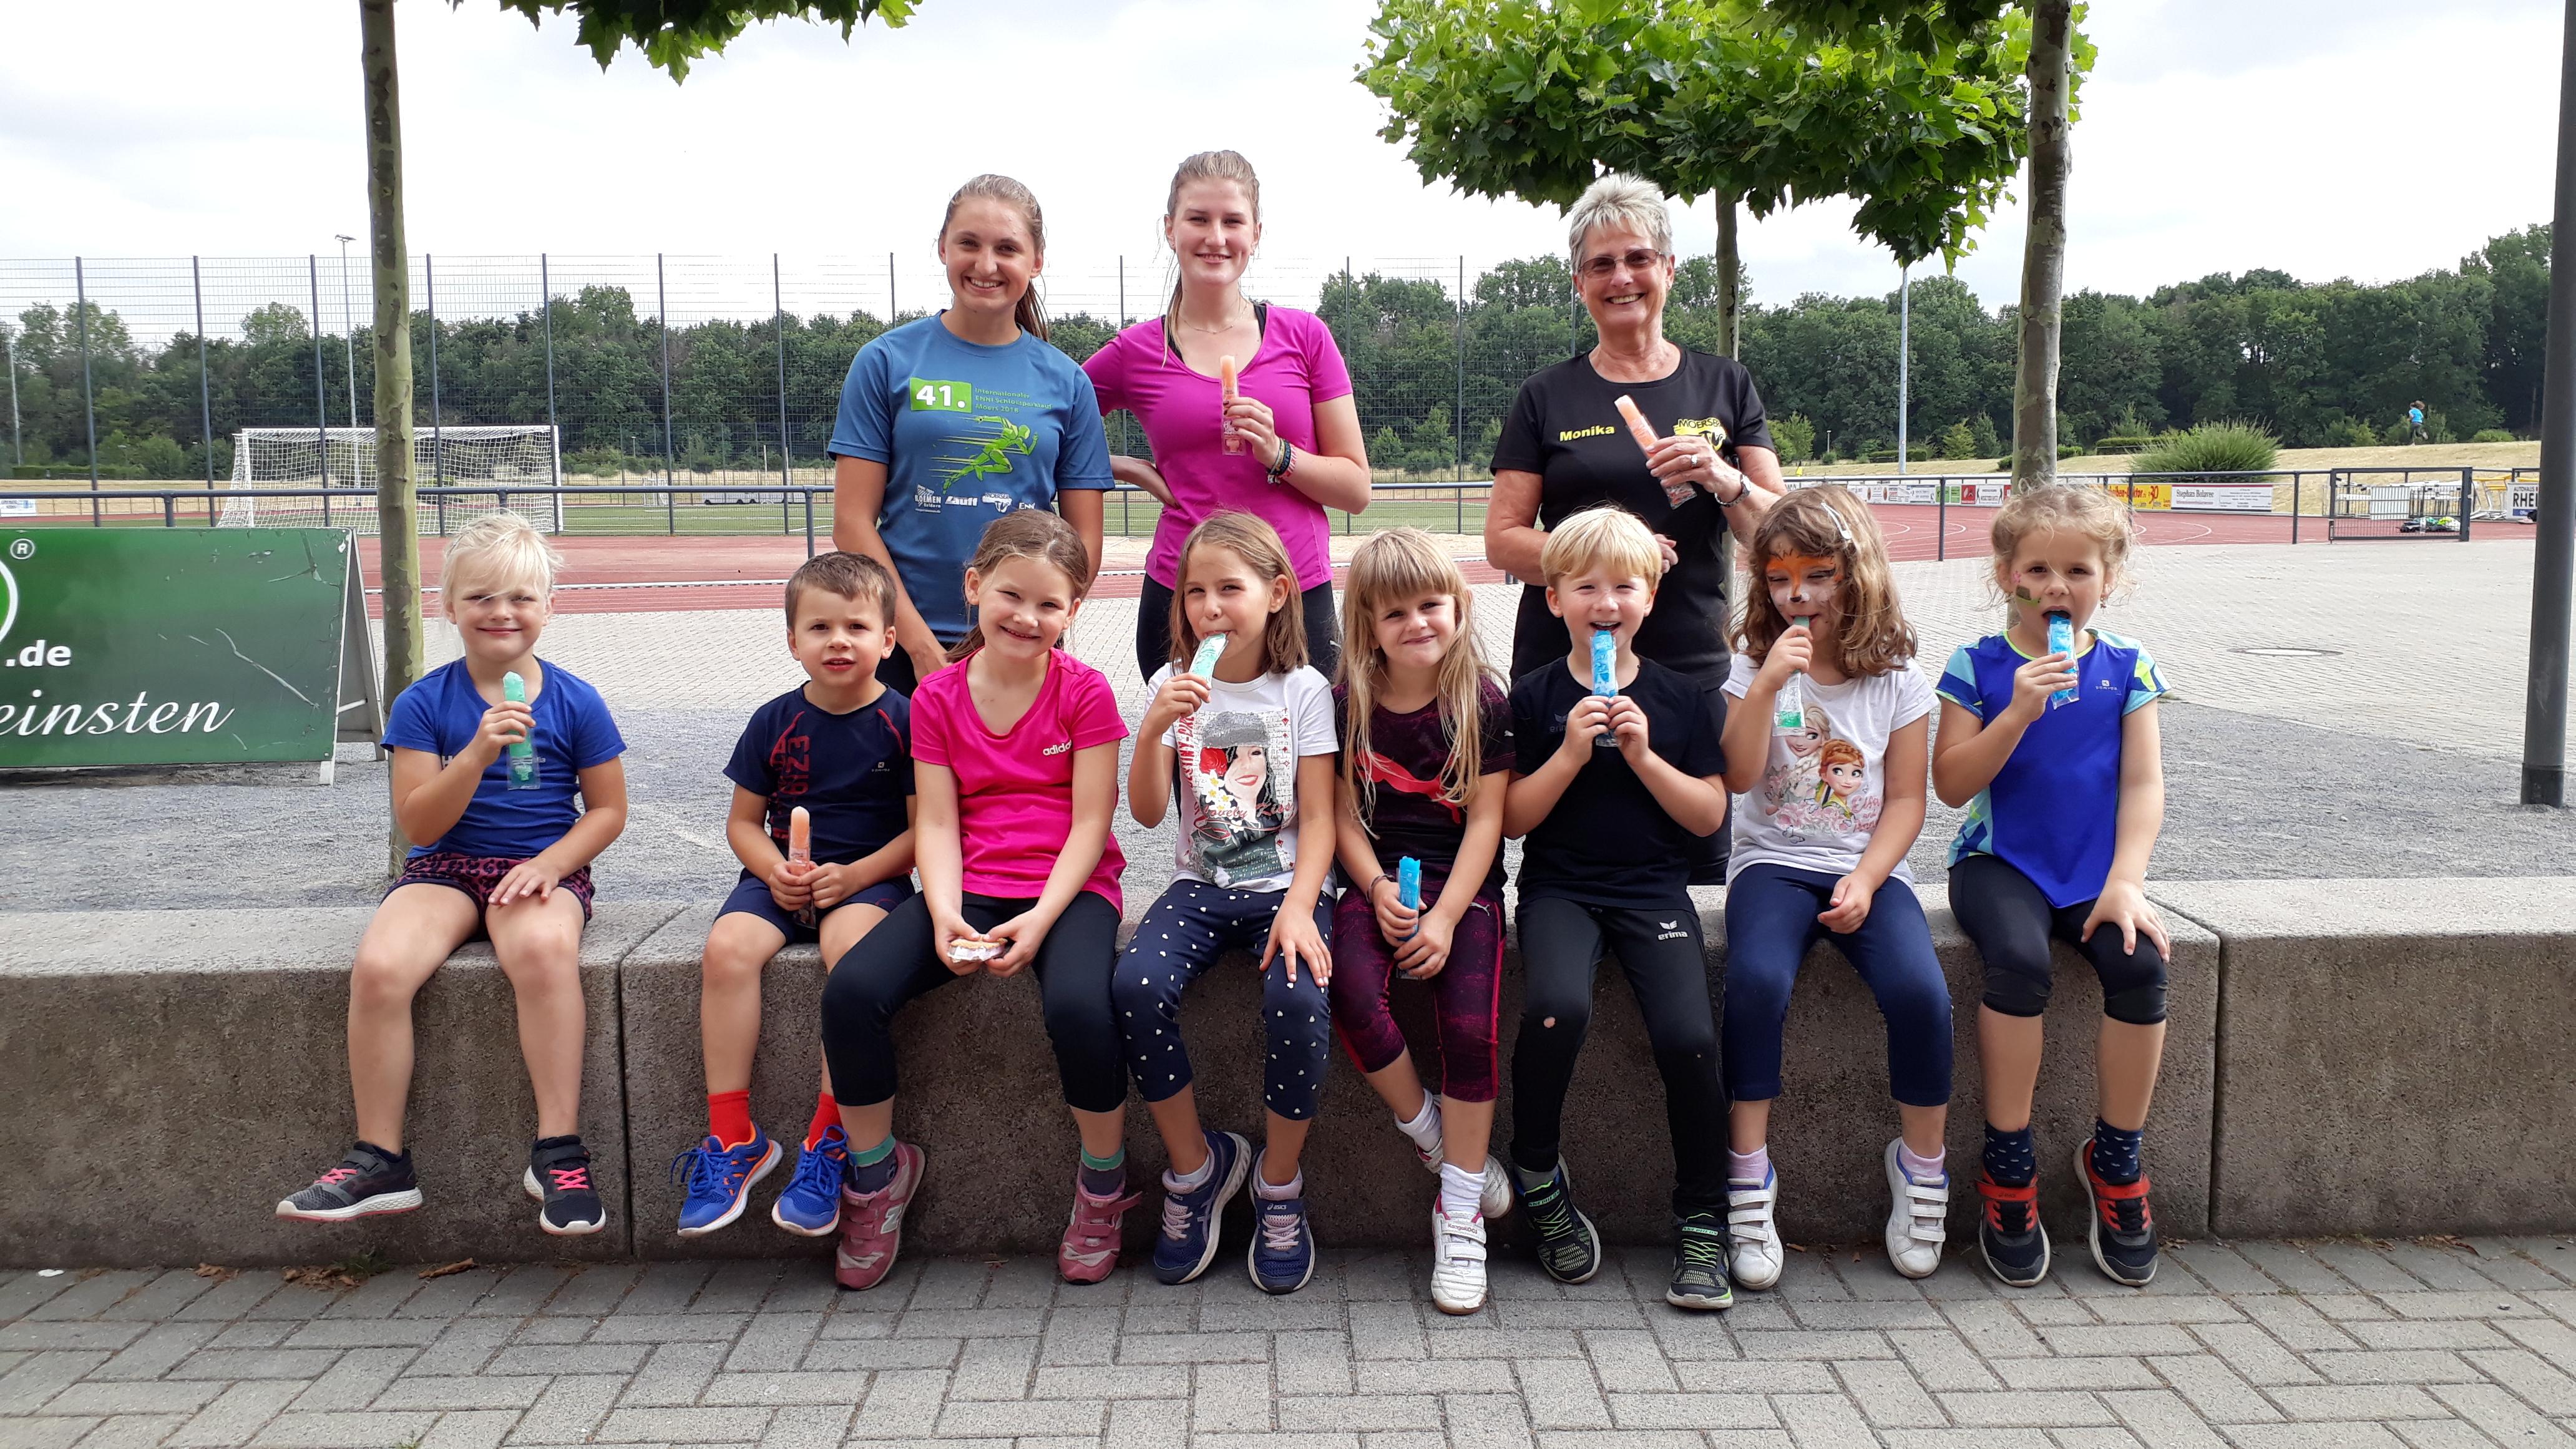 Schöne Ferien wünschen die Bambinis der Leichtathletik-Abteilung sowie das Trainer-Team.